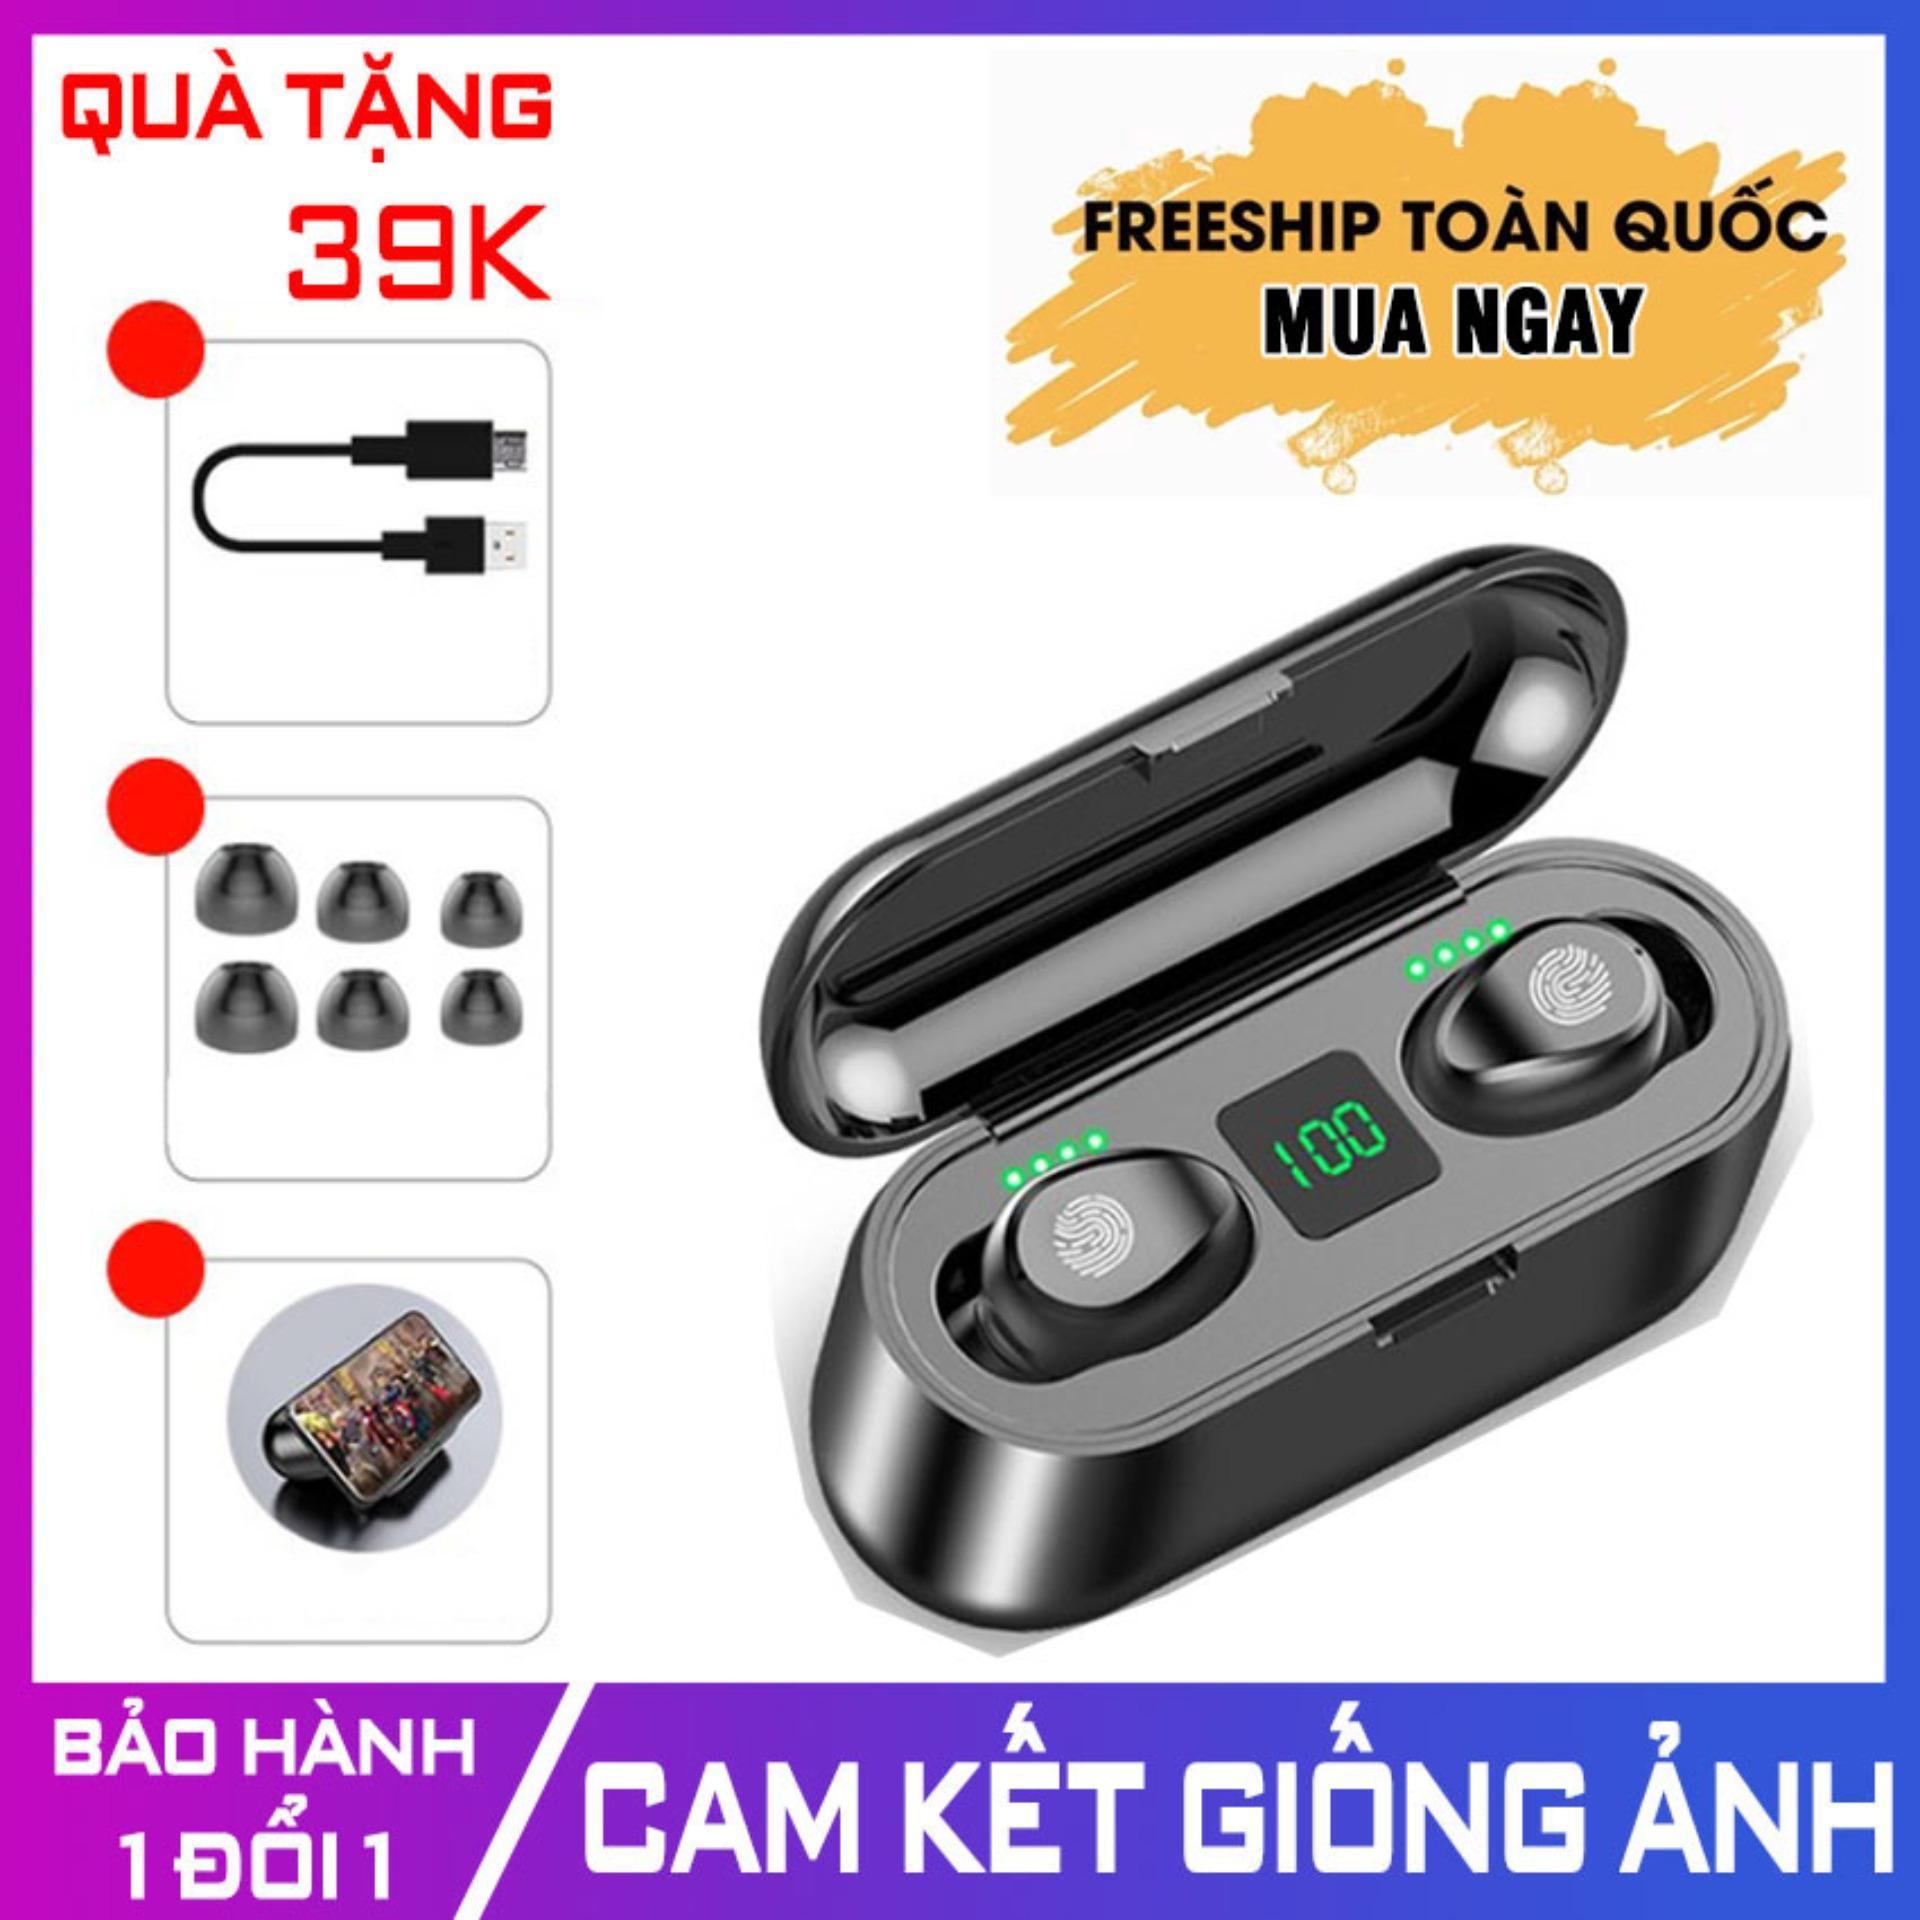 Tai nghe Bluetooth 5.0 AMOI F9 [CẢM ỨNG] [KIÊM SẠC DỰ PHÒNG 2000mAh] - Tai nghe không dây hai bên nhét tai cao cấp tai nghe thiết kế vô hình kiểu dáng thể thaotai nghe nhét tai không dây - Tonoto Store